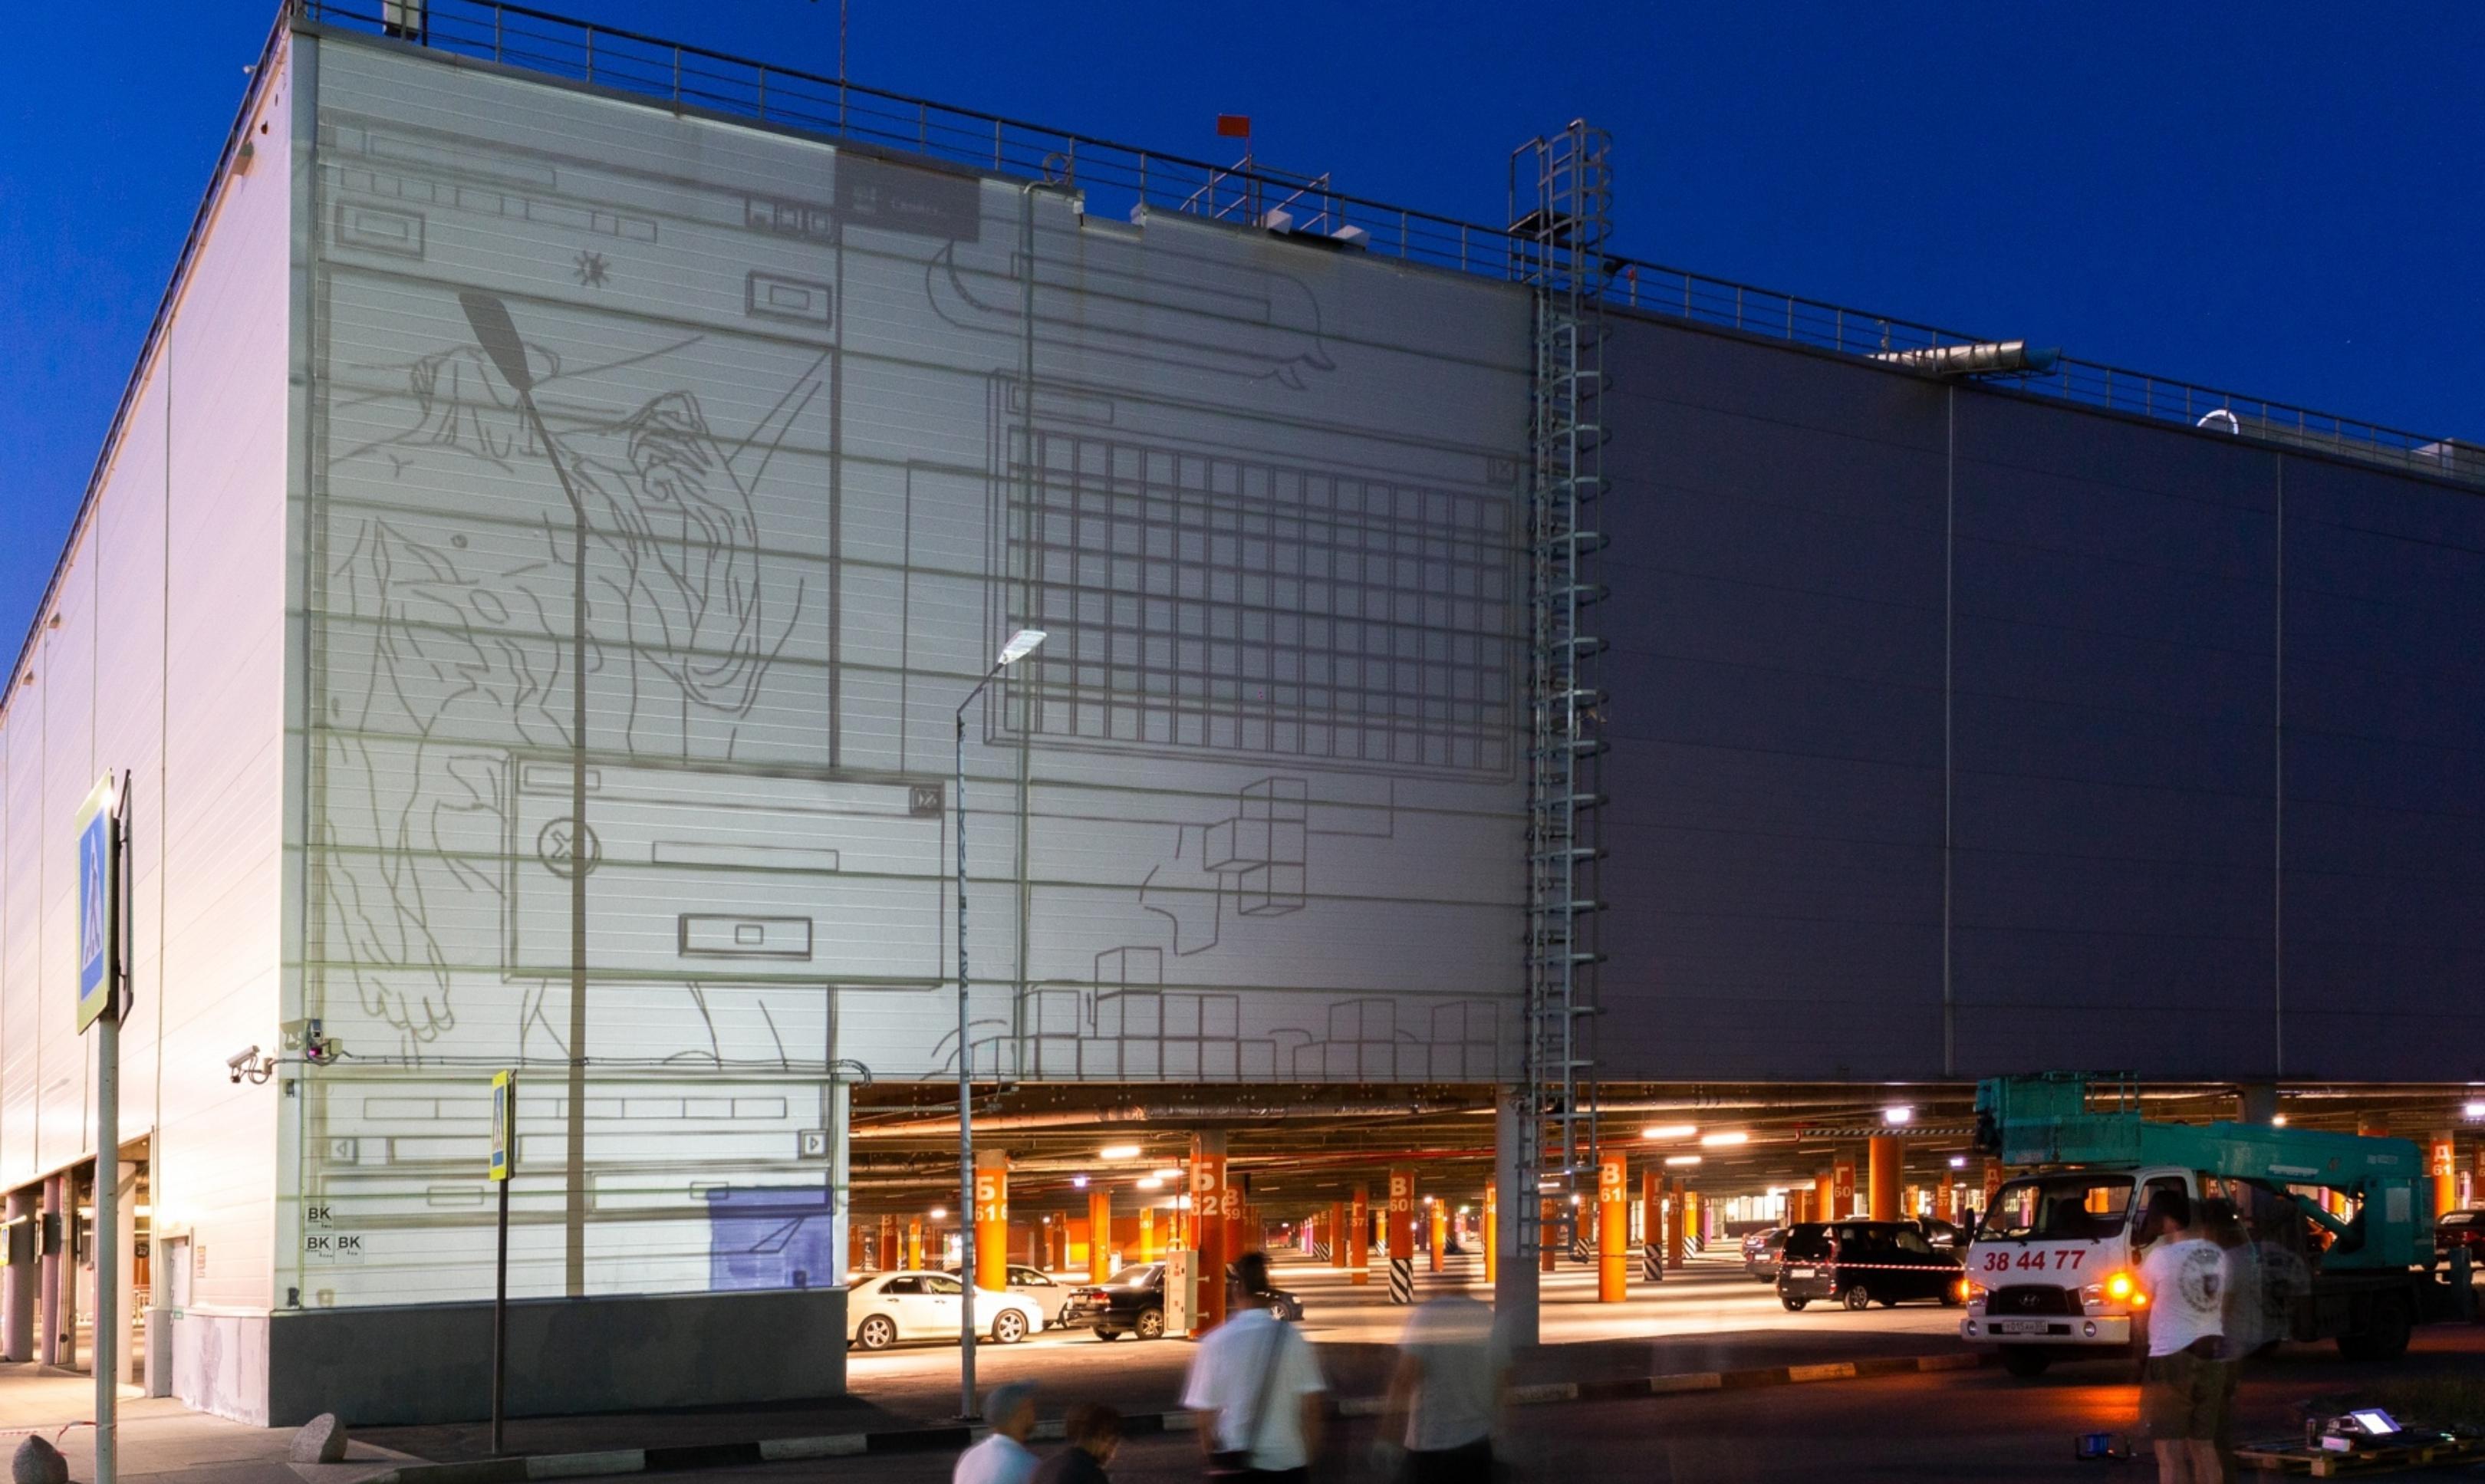 Команда художников из Екатеринбурга распишет стену торгового центра в Омске